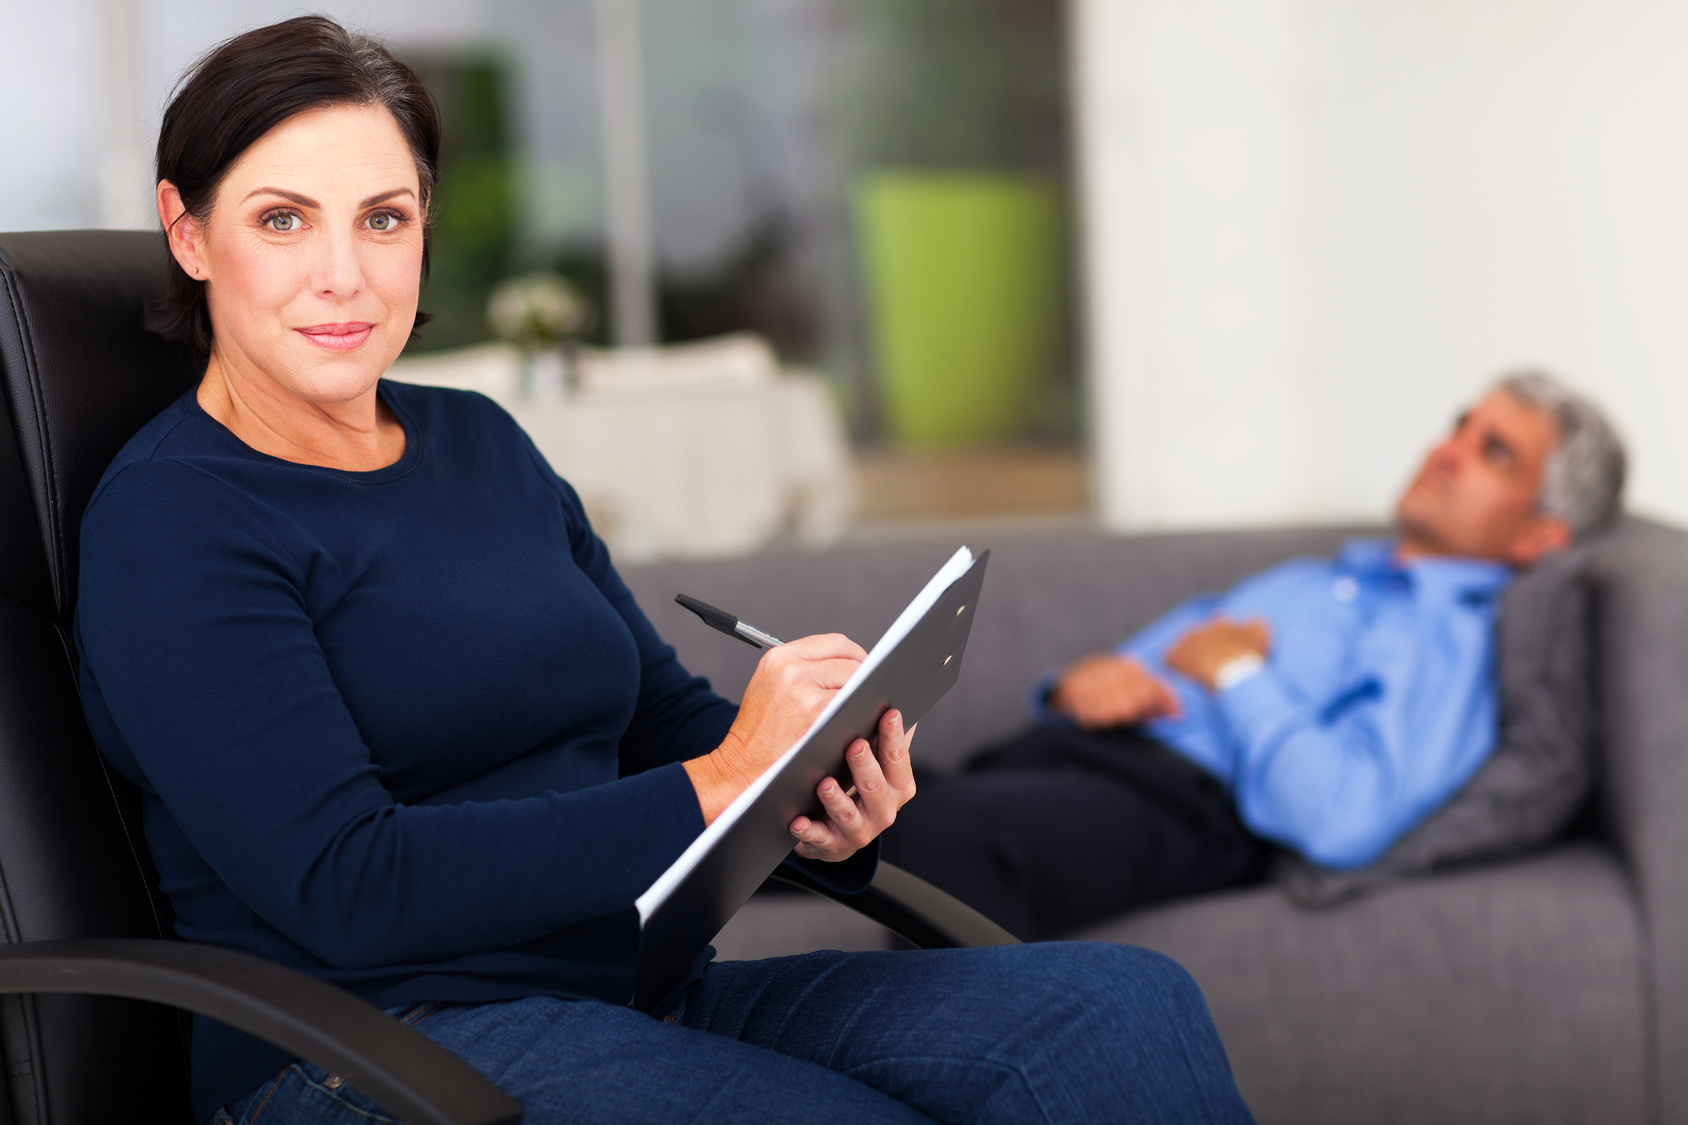 Bahçeşehir Psikologlarının Tedavi Yöntemleri